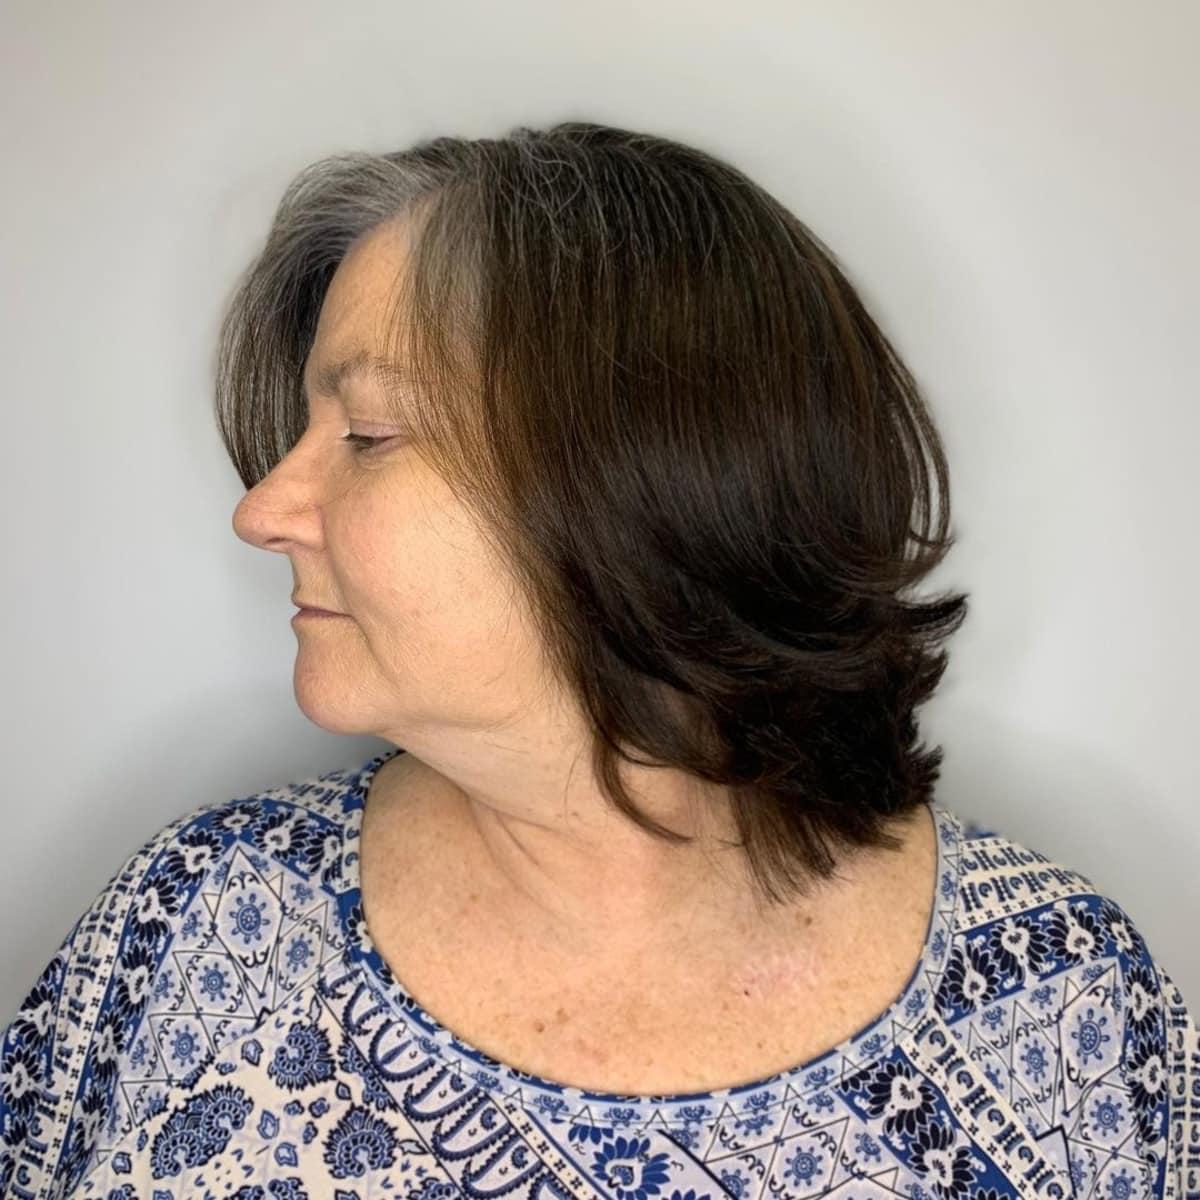 Coupe courte à moyenne pour une femme de plus de cinquante ans aux cheveux fins.